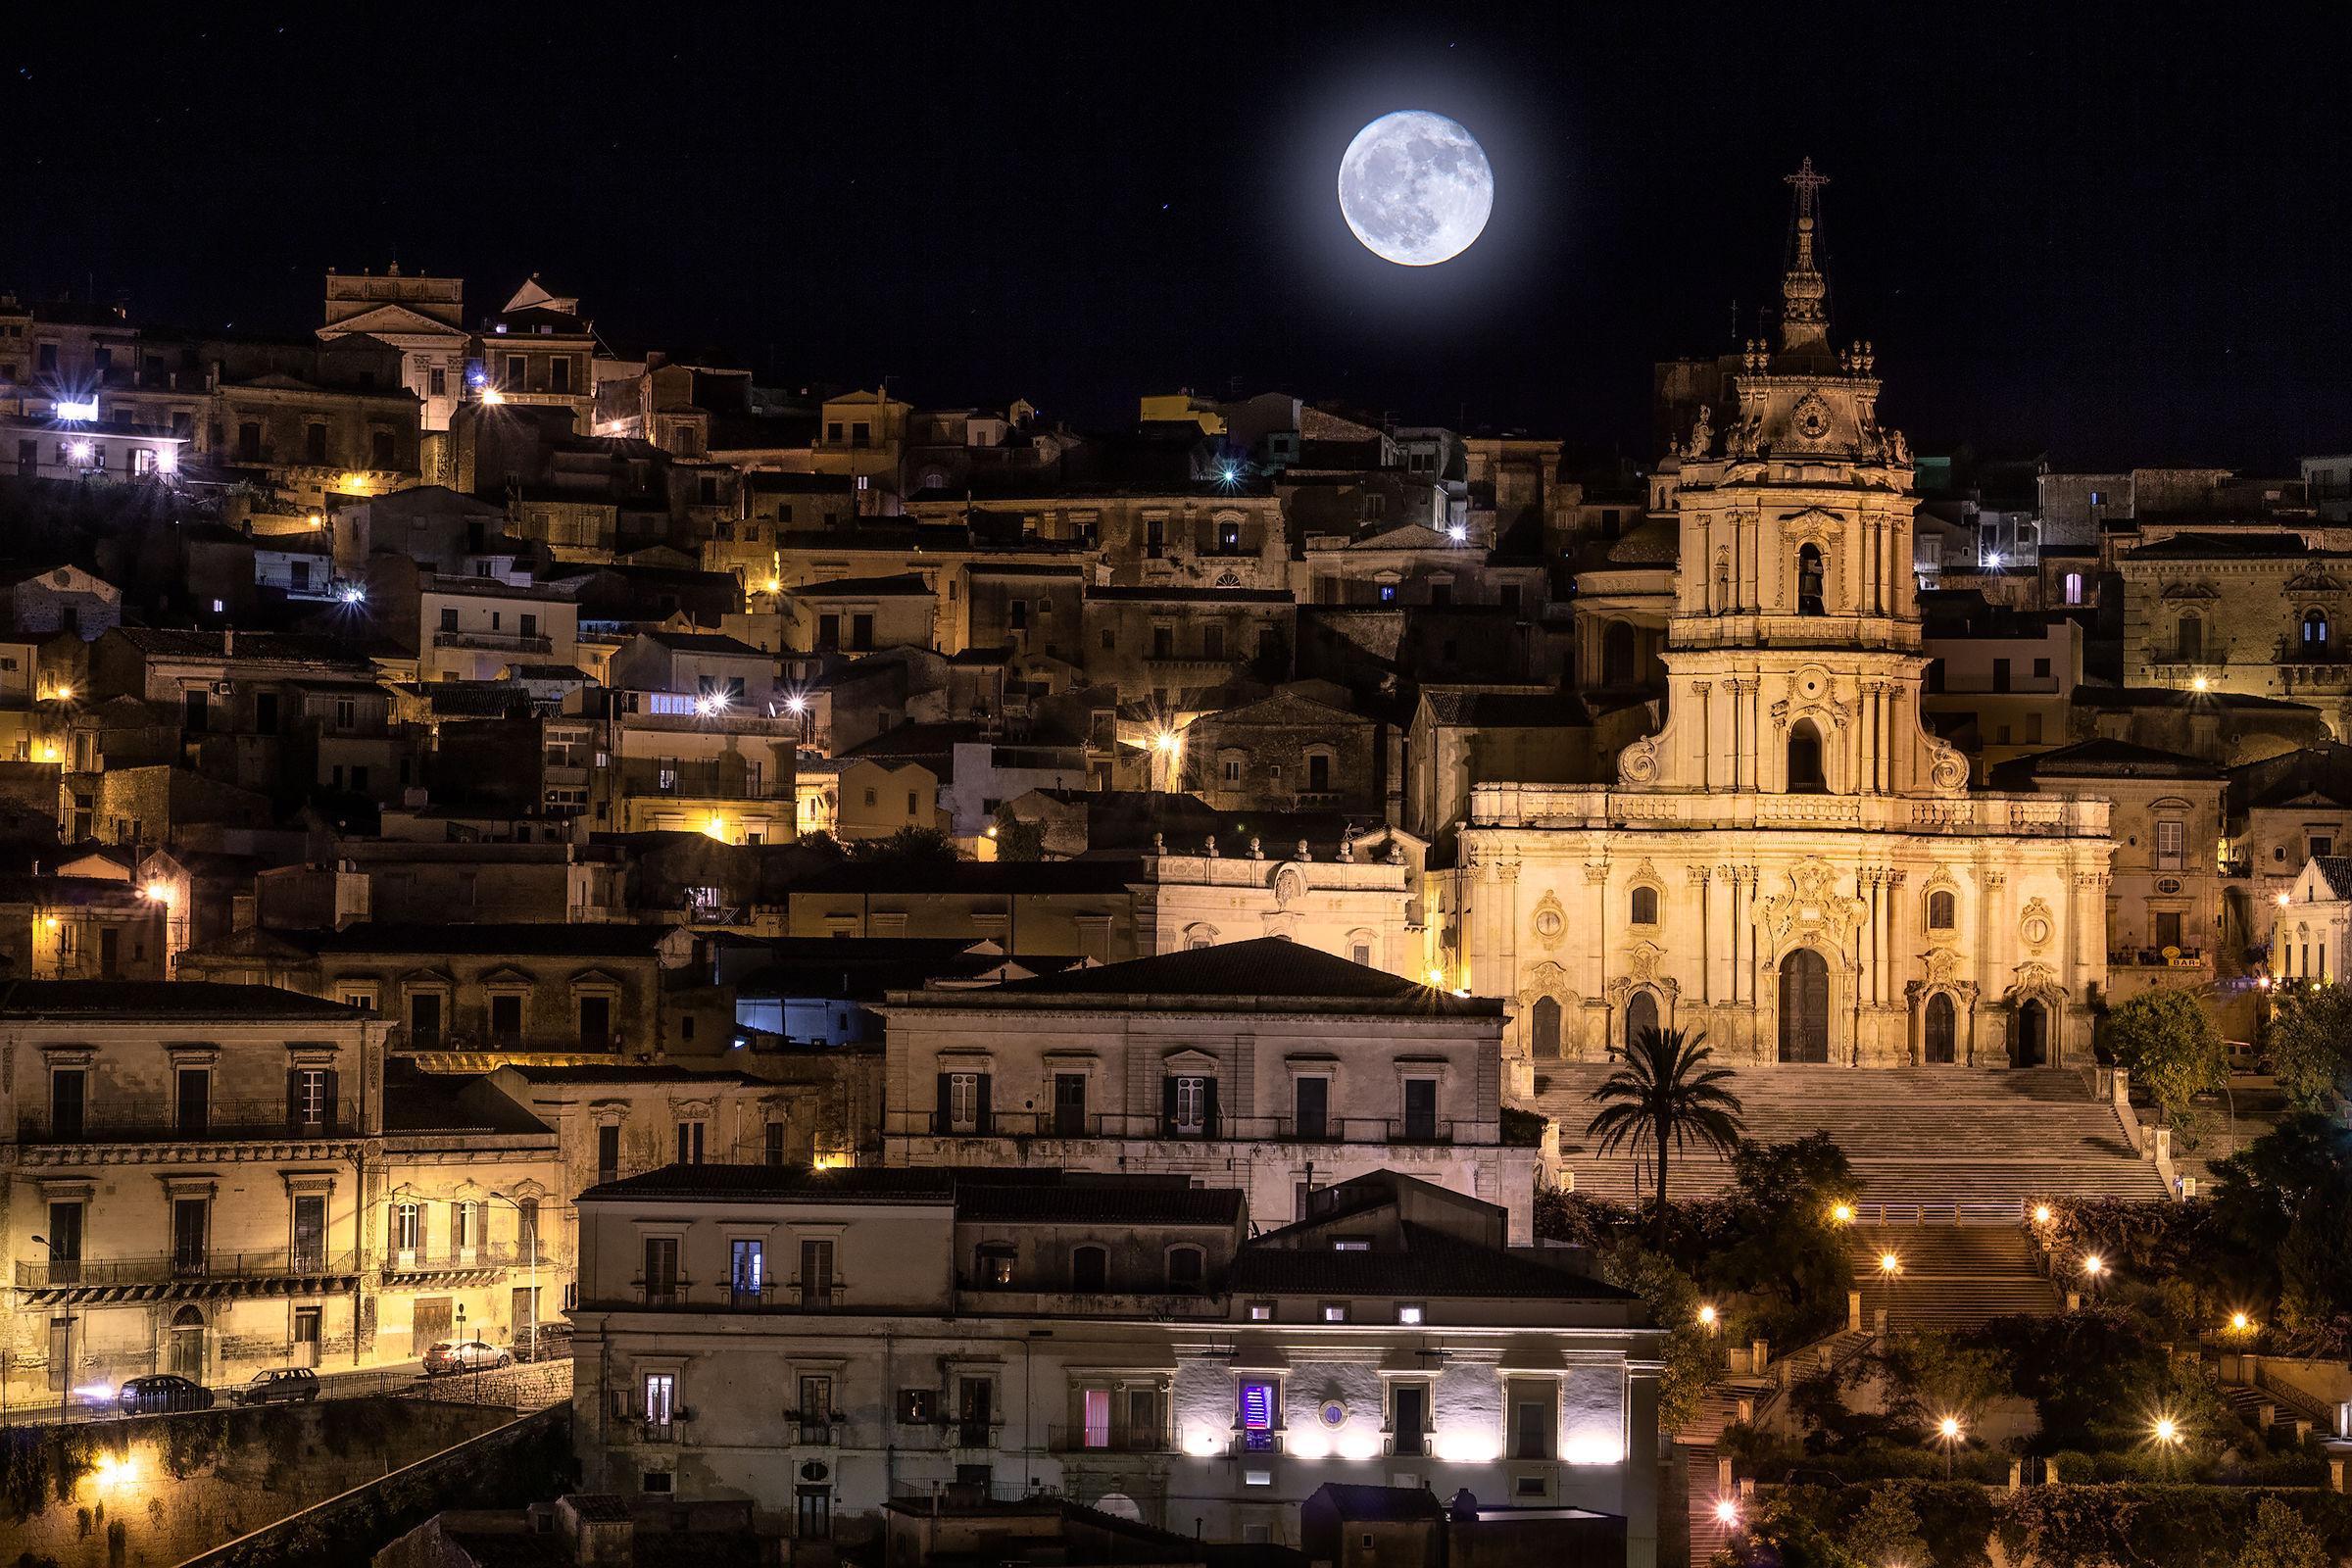 Notti di luna piena...